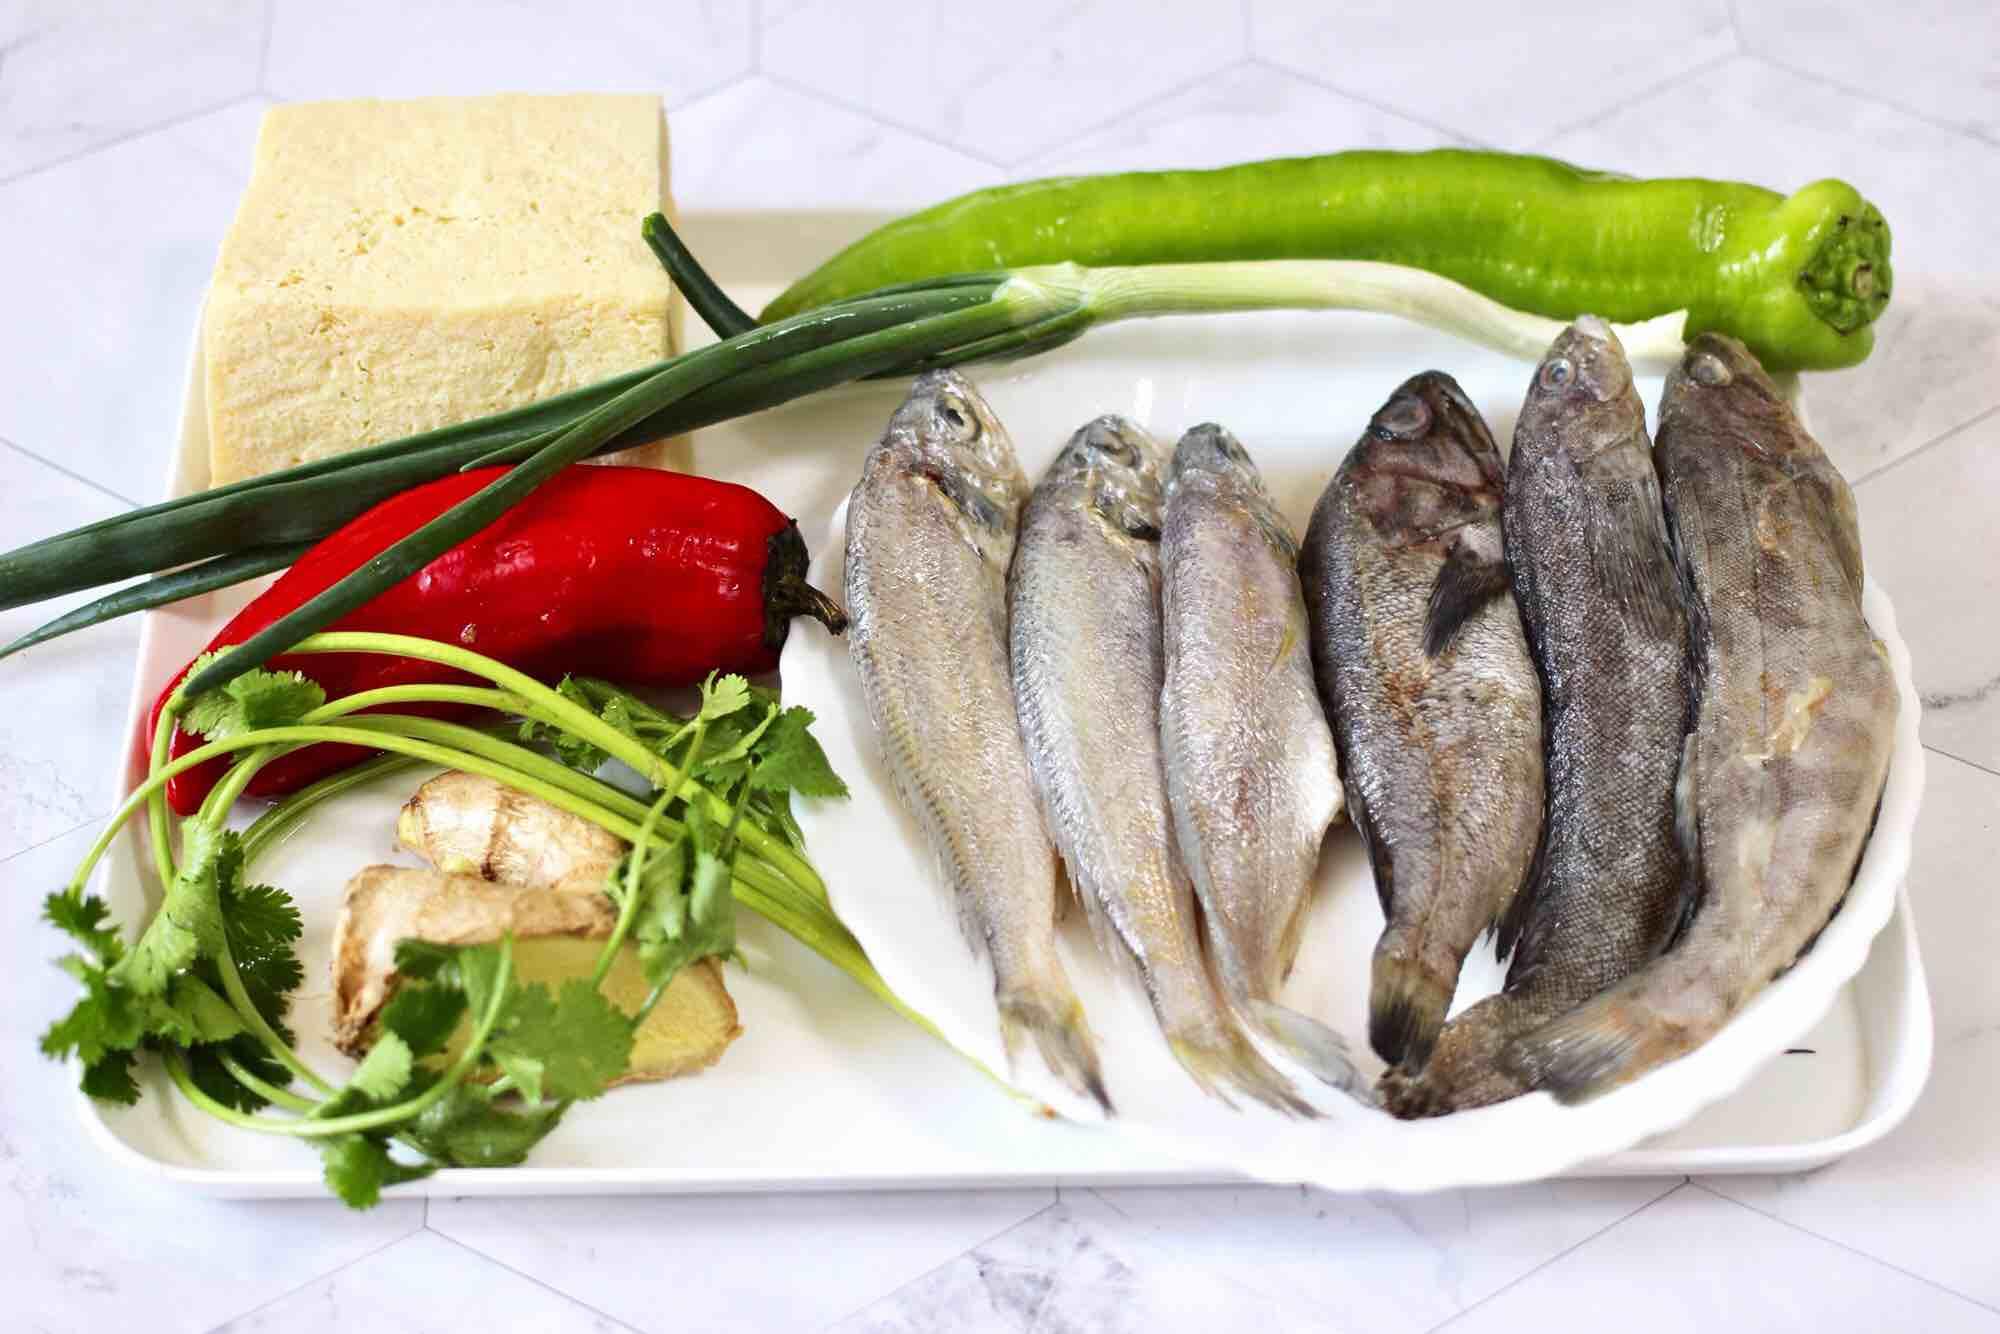 海杂鱼酱焖冻豆腐的做法大全